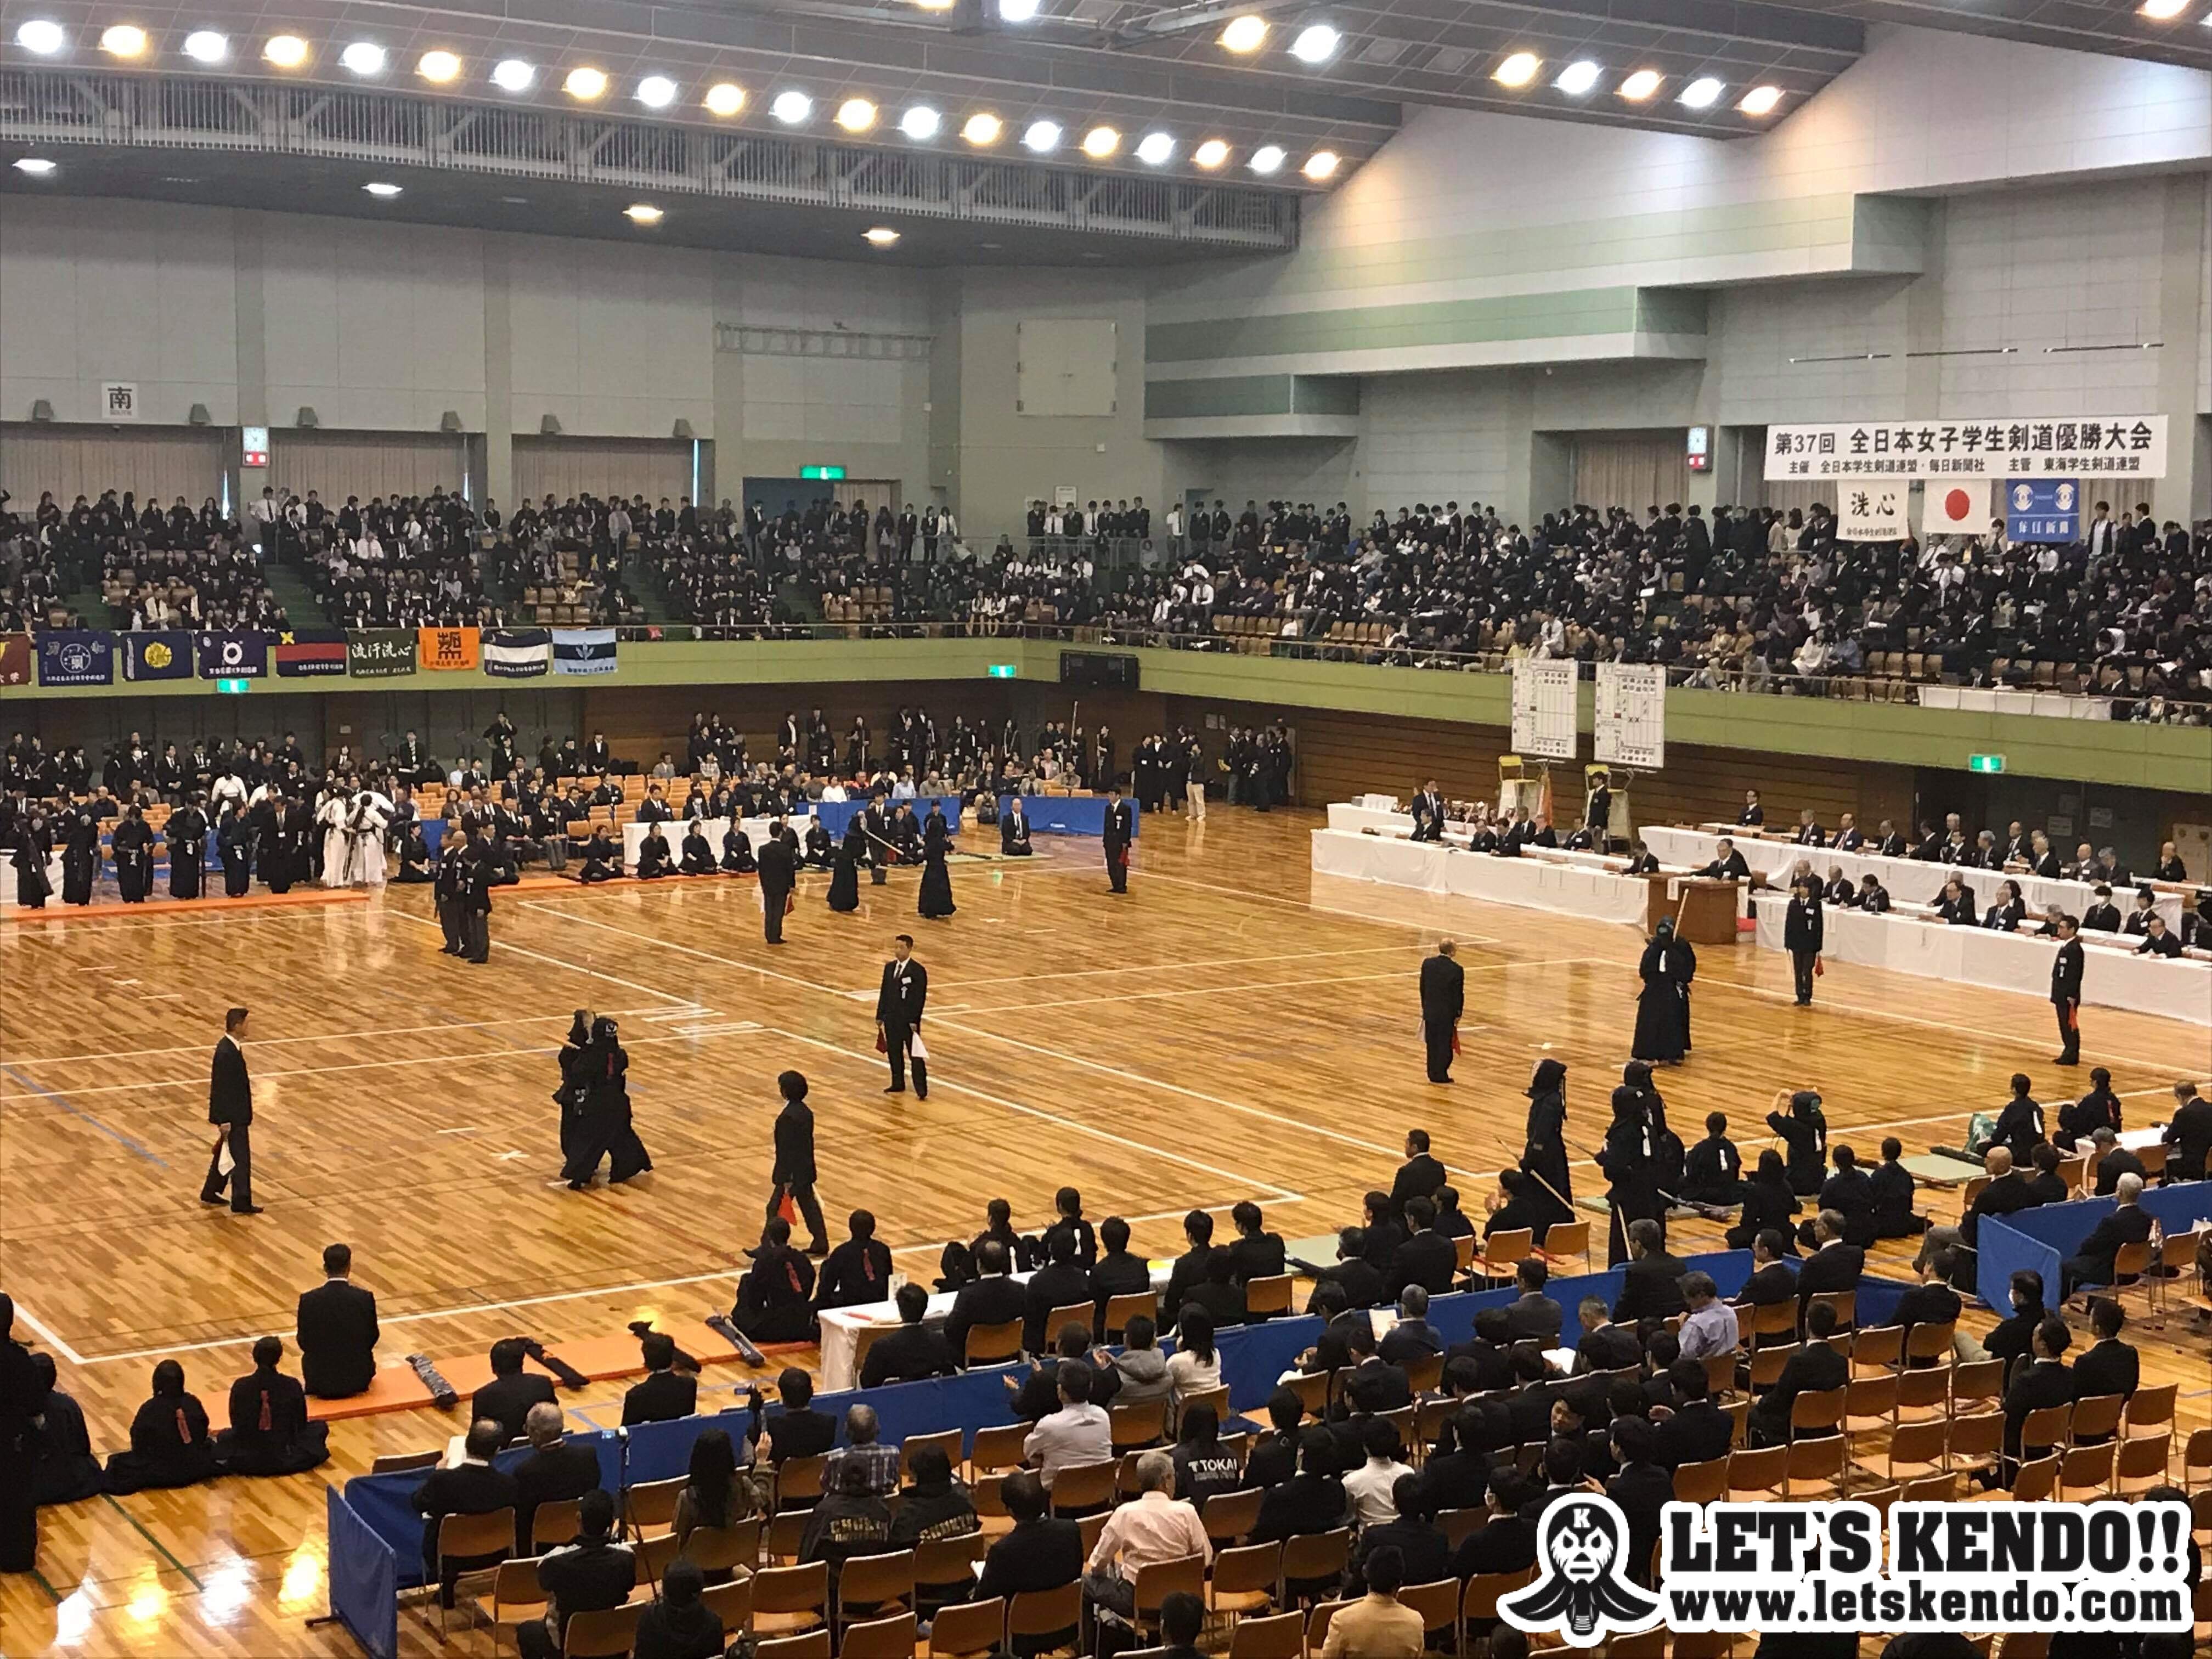 【大会結果】11/11 第37回全日本女子学生剣道優勝大会